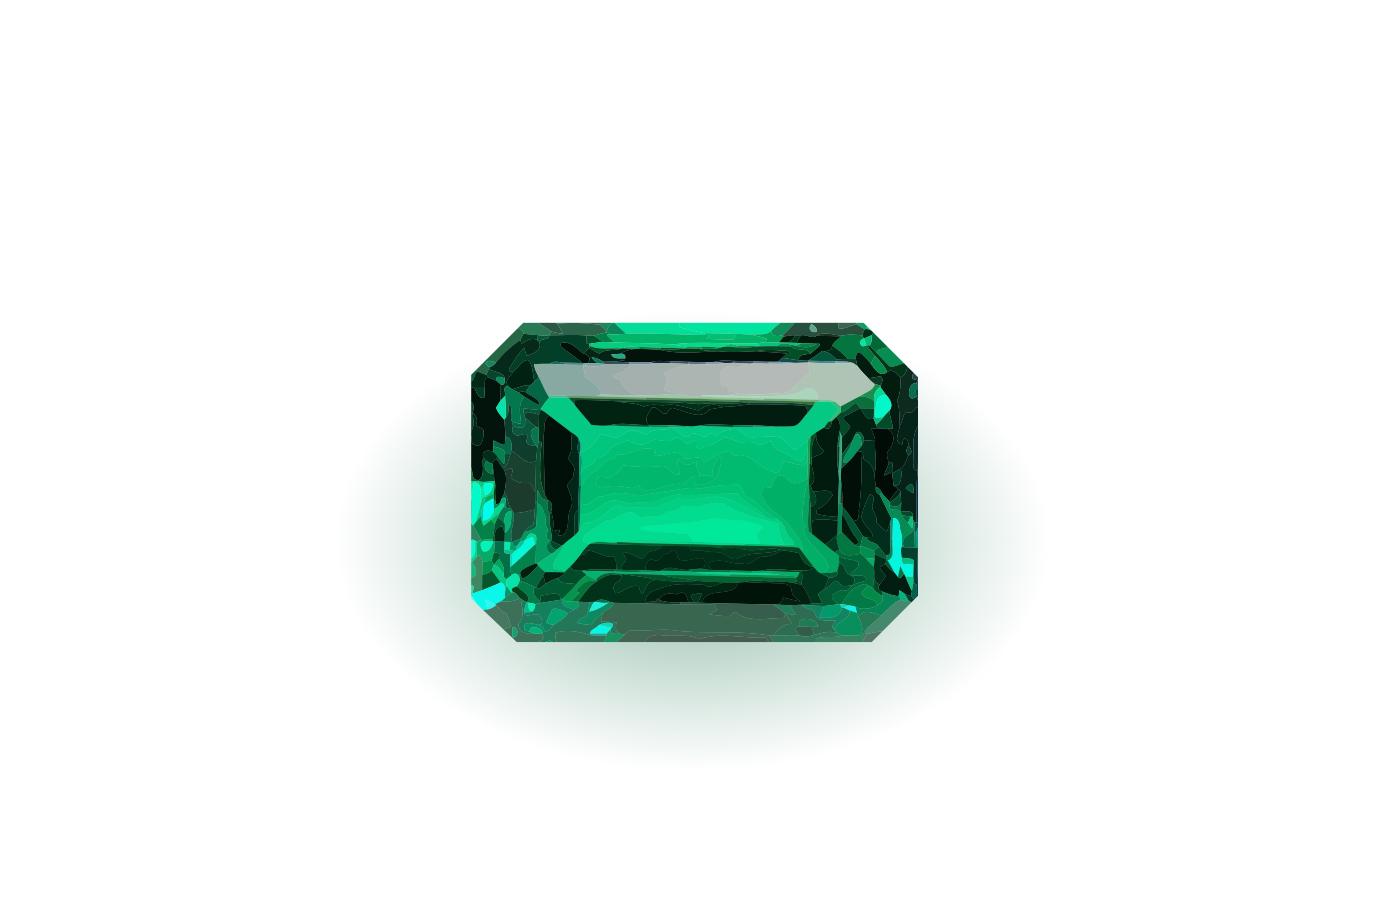 クレオパトラも愛した緑の宝石 5月の誕生石エメラルド